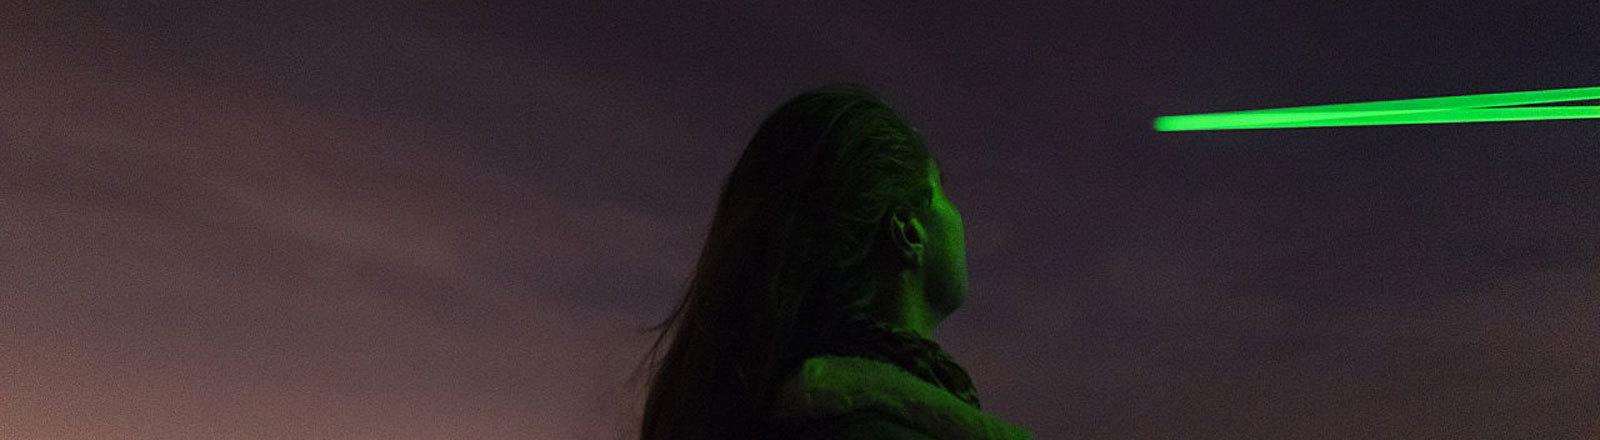 Frau schaut in den Nachthimmel, an dem grüne Lichtbahnen zu sehen sind